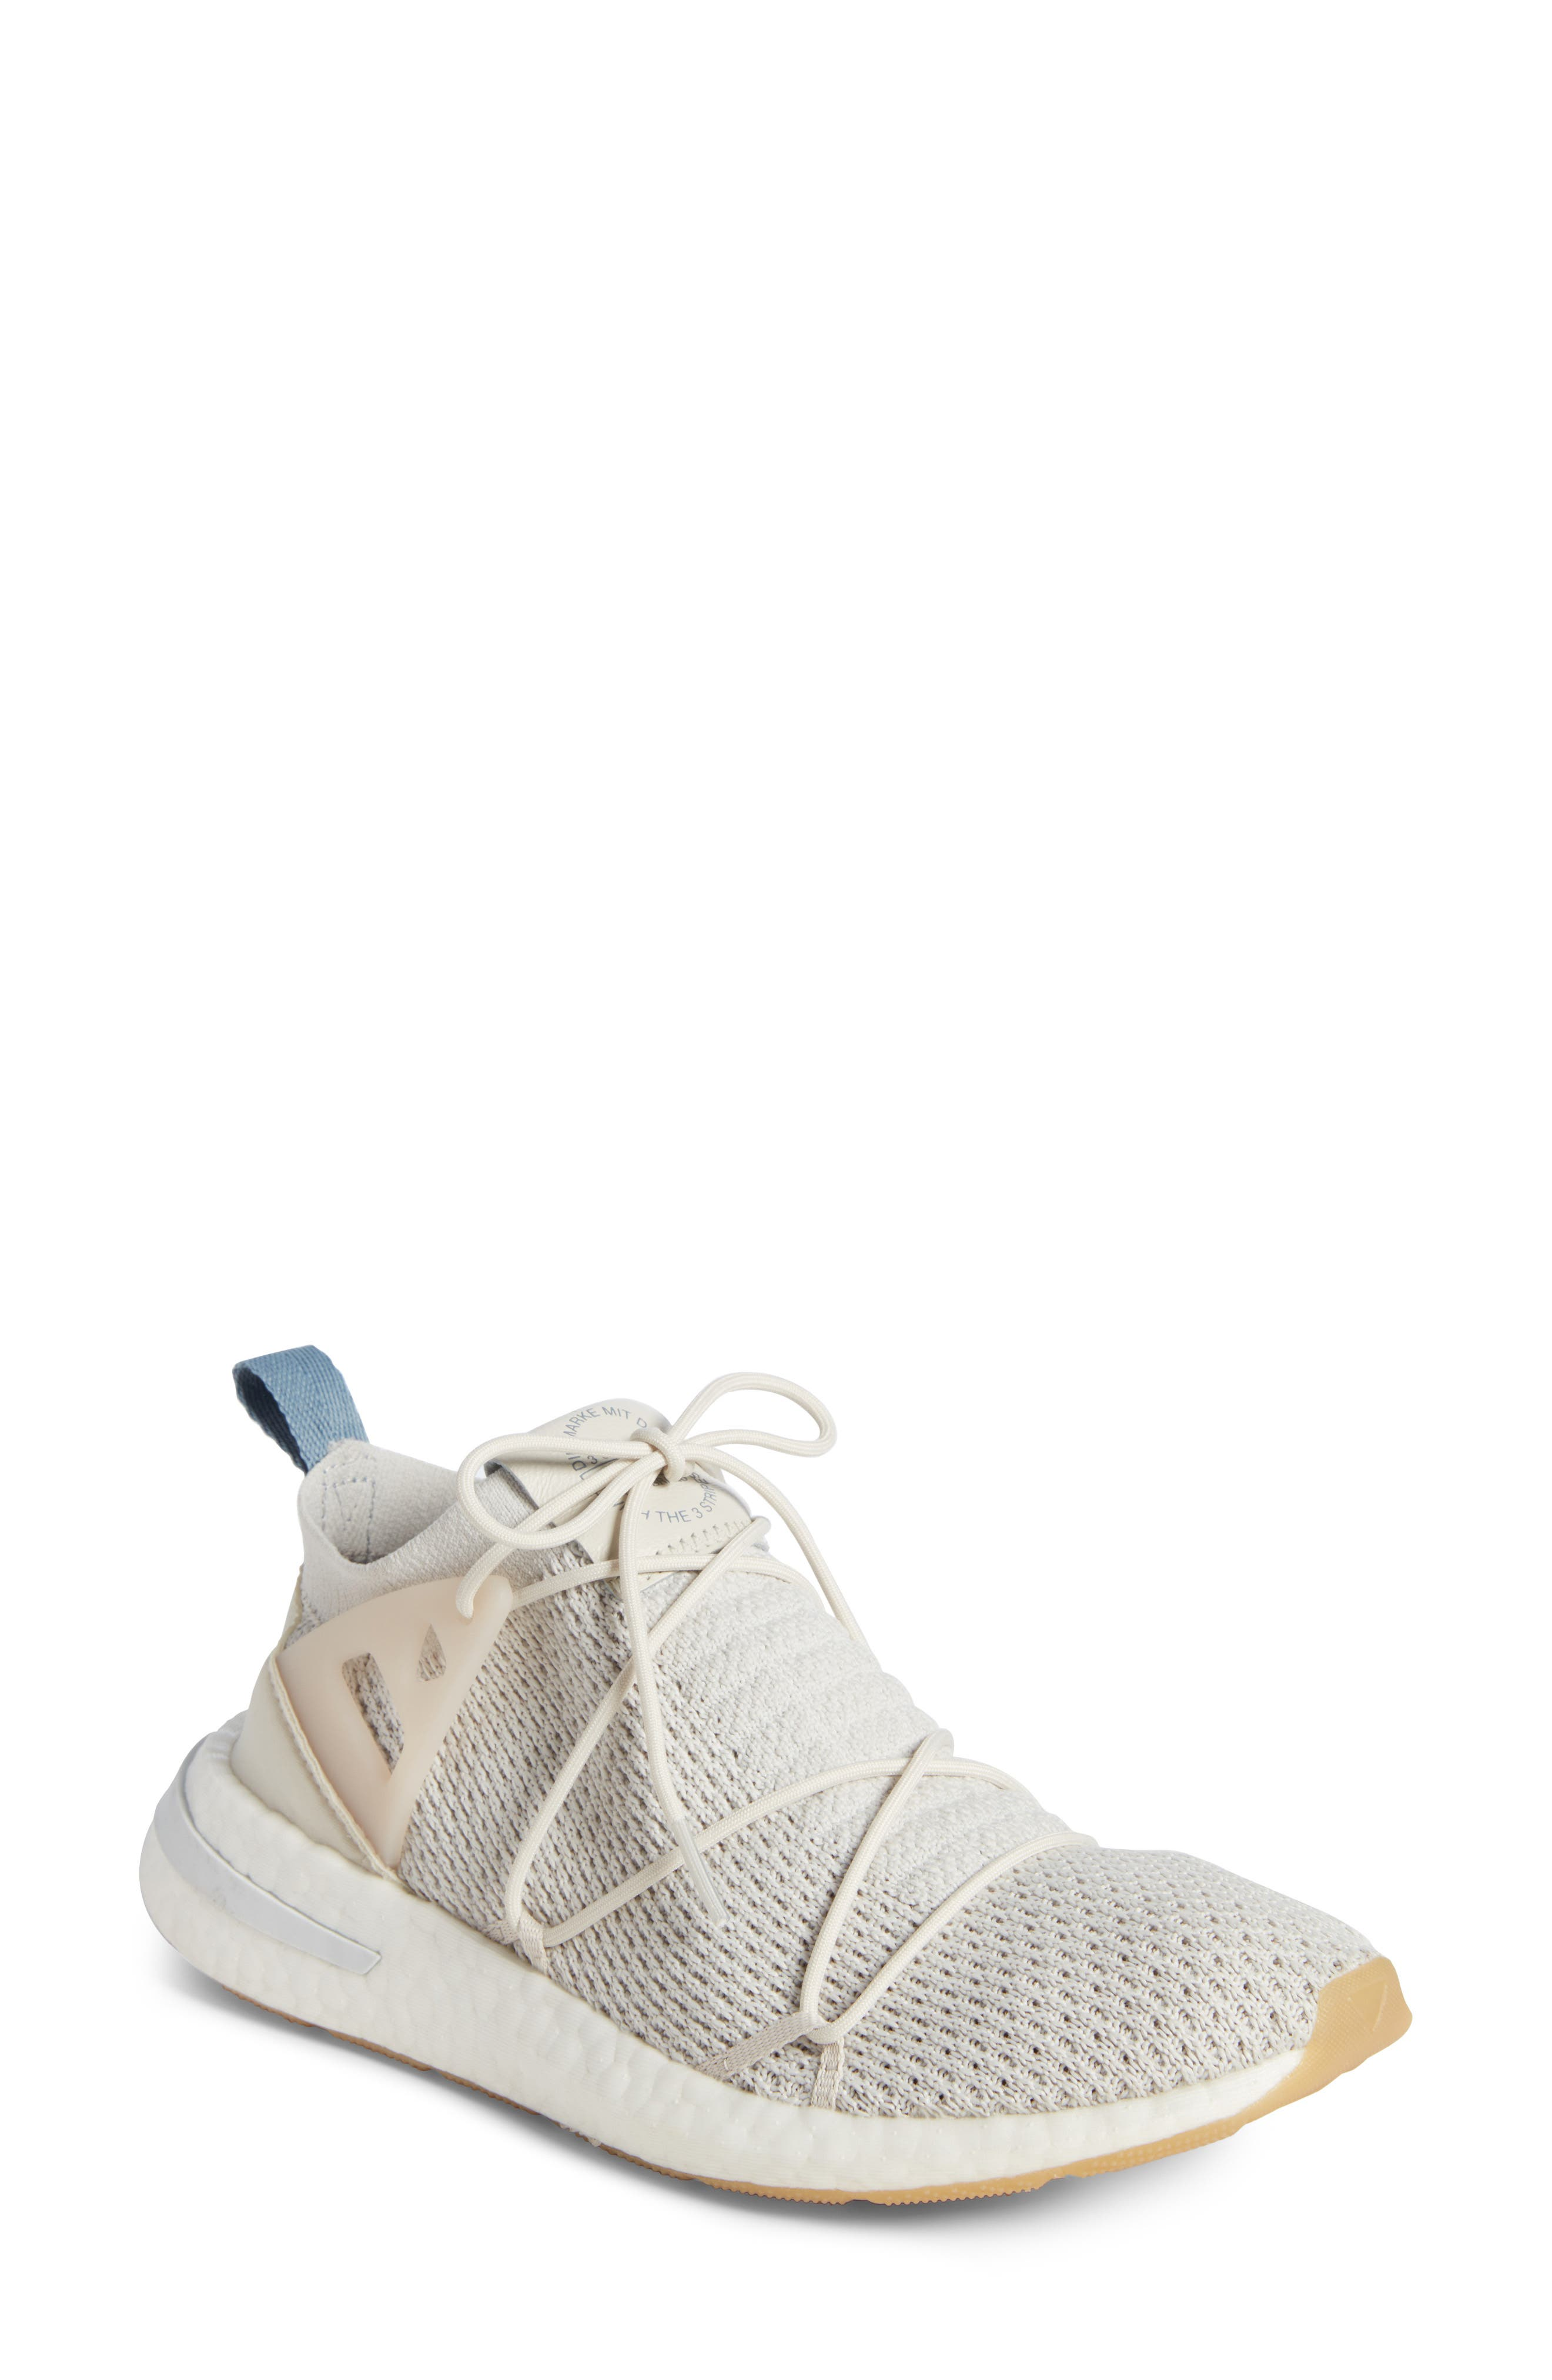 Arkyn Primeknit Sneaker,                         Main,                         color, TALC/ TALC/ LINEN